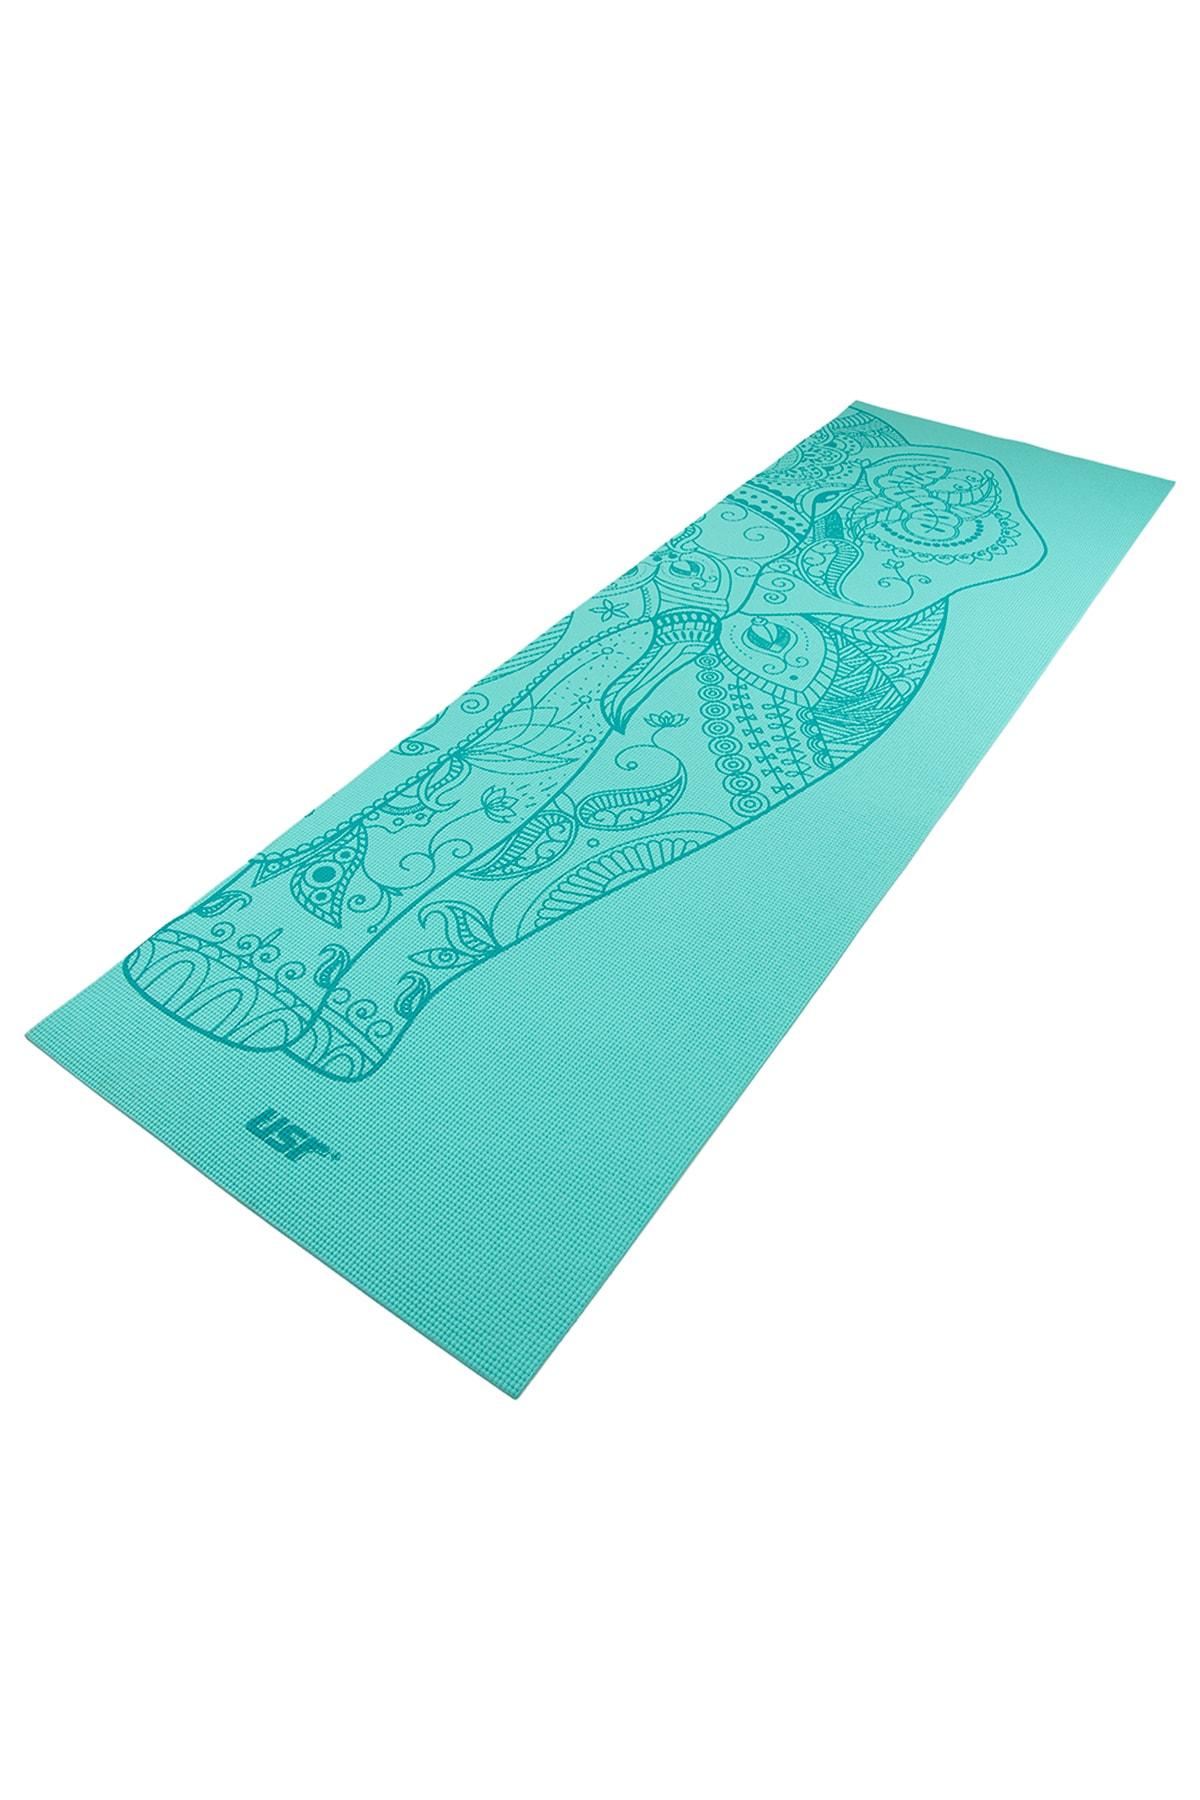 Royal Yoga Mat